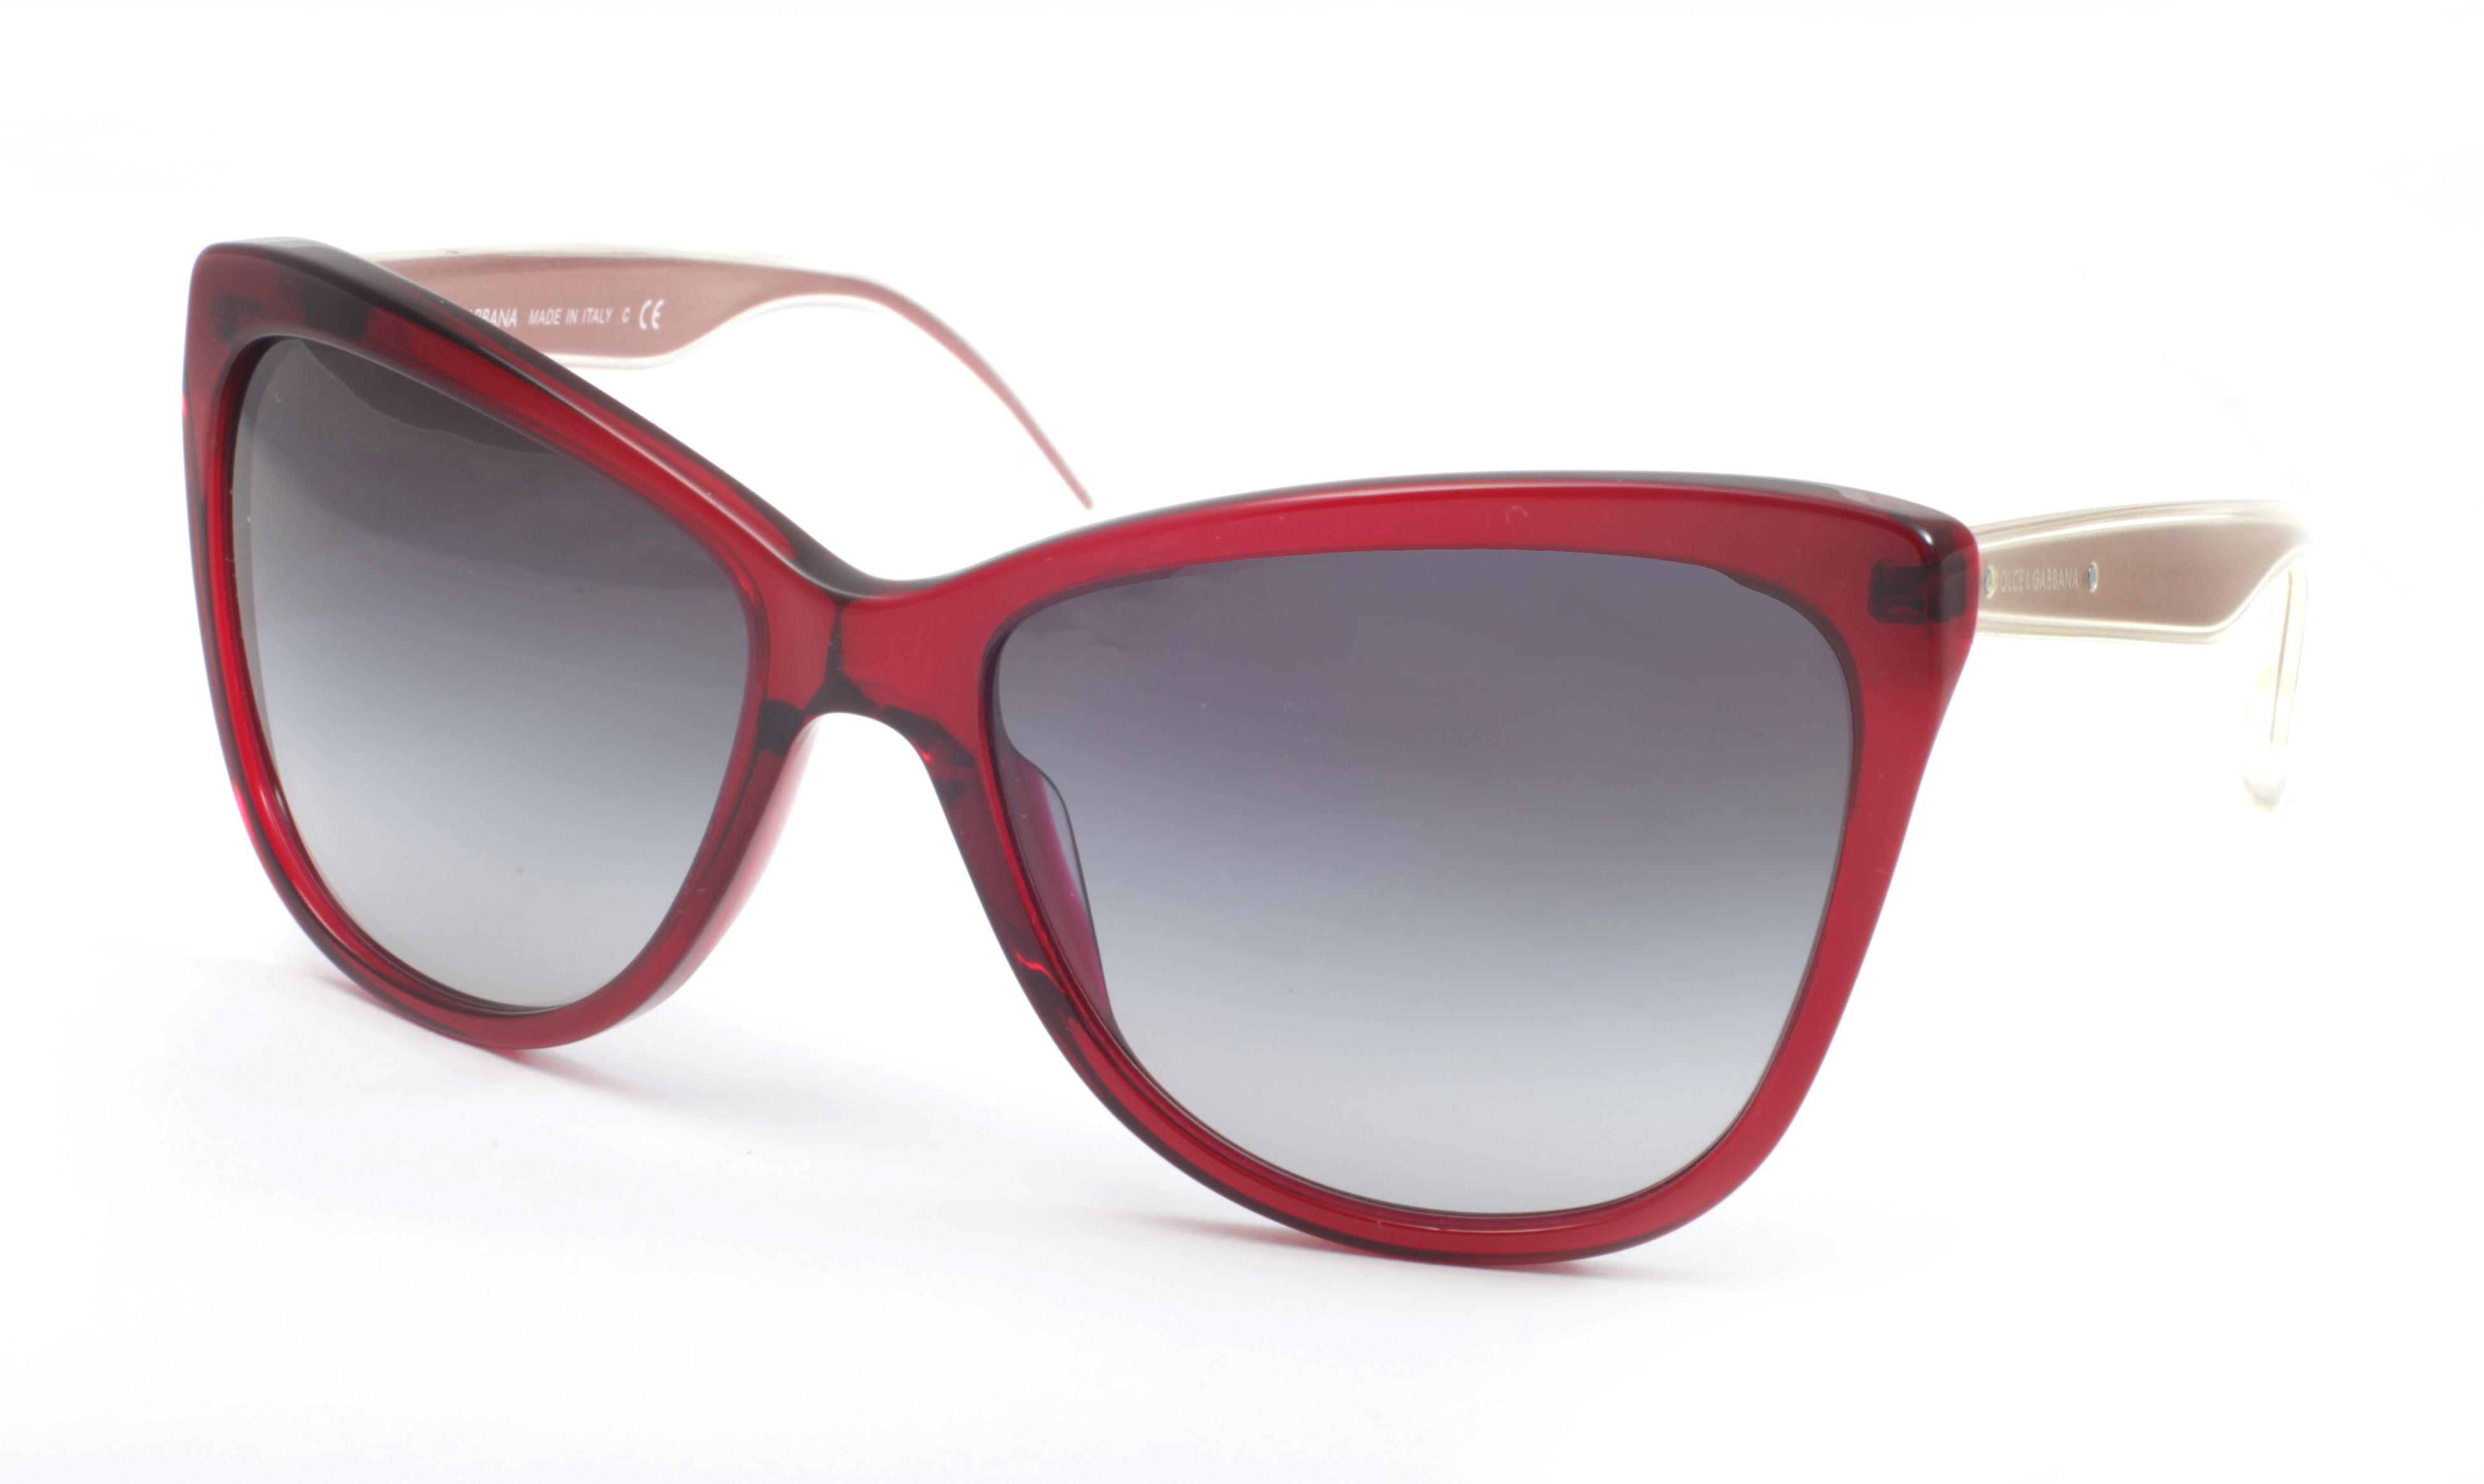 76e83c59b6e Sunglasses Baby Ray Bans Sunglasses « Heritage Malta